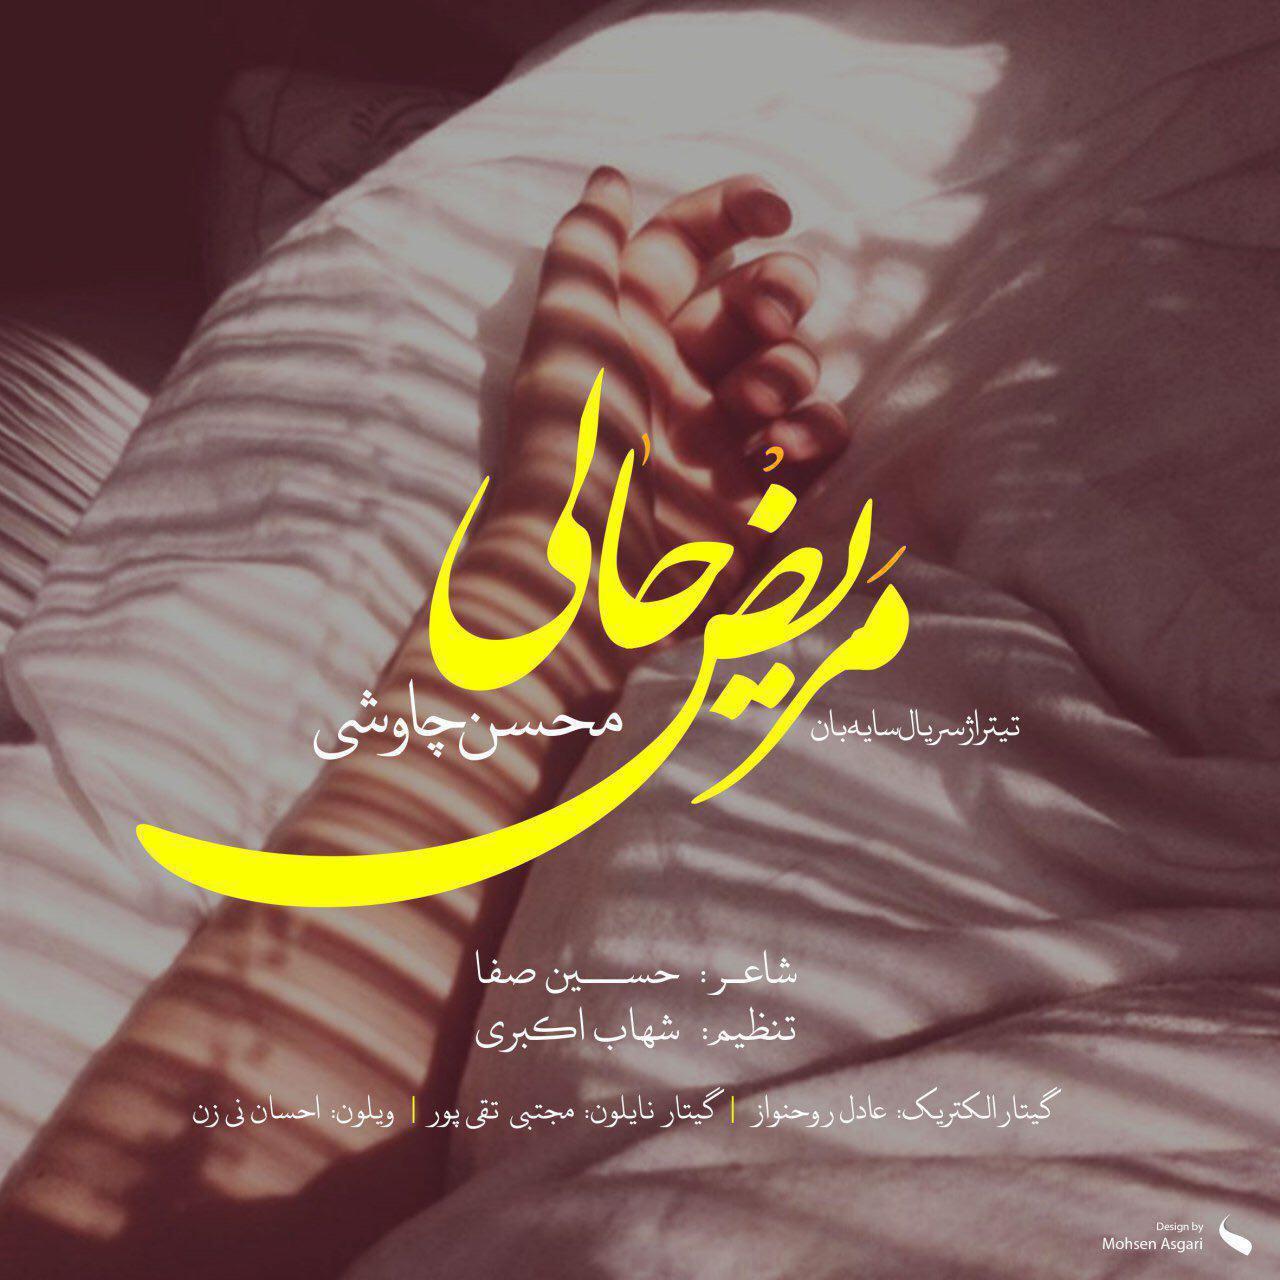 مریض حالی با صدای محسن چاوشی